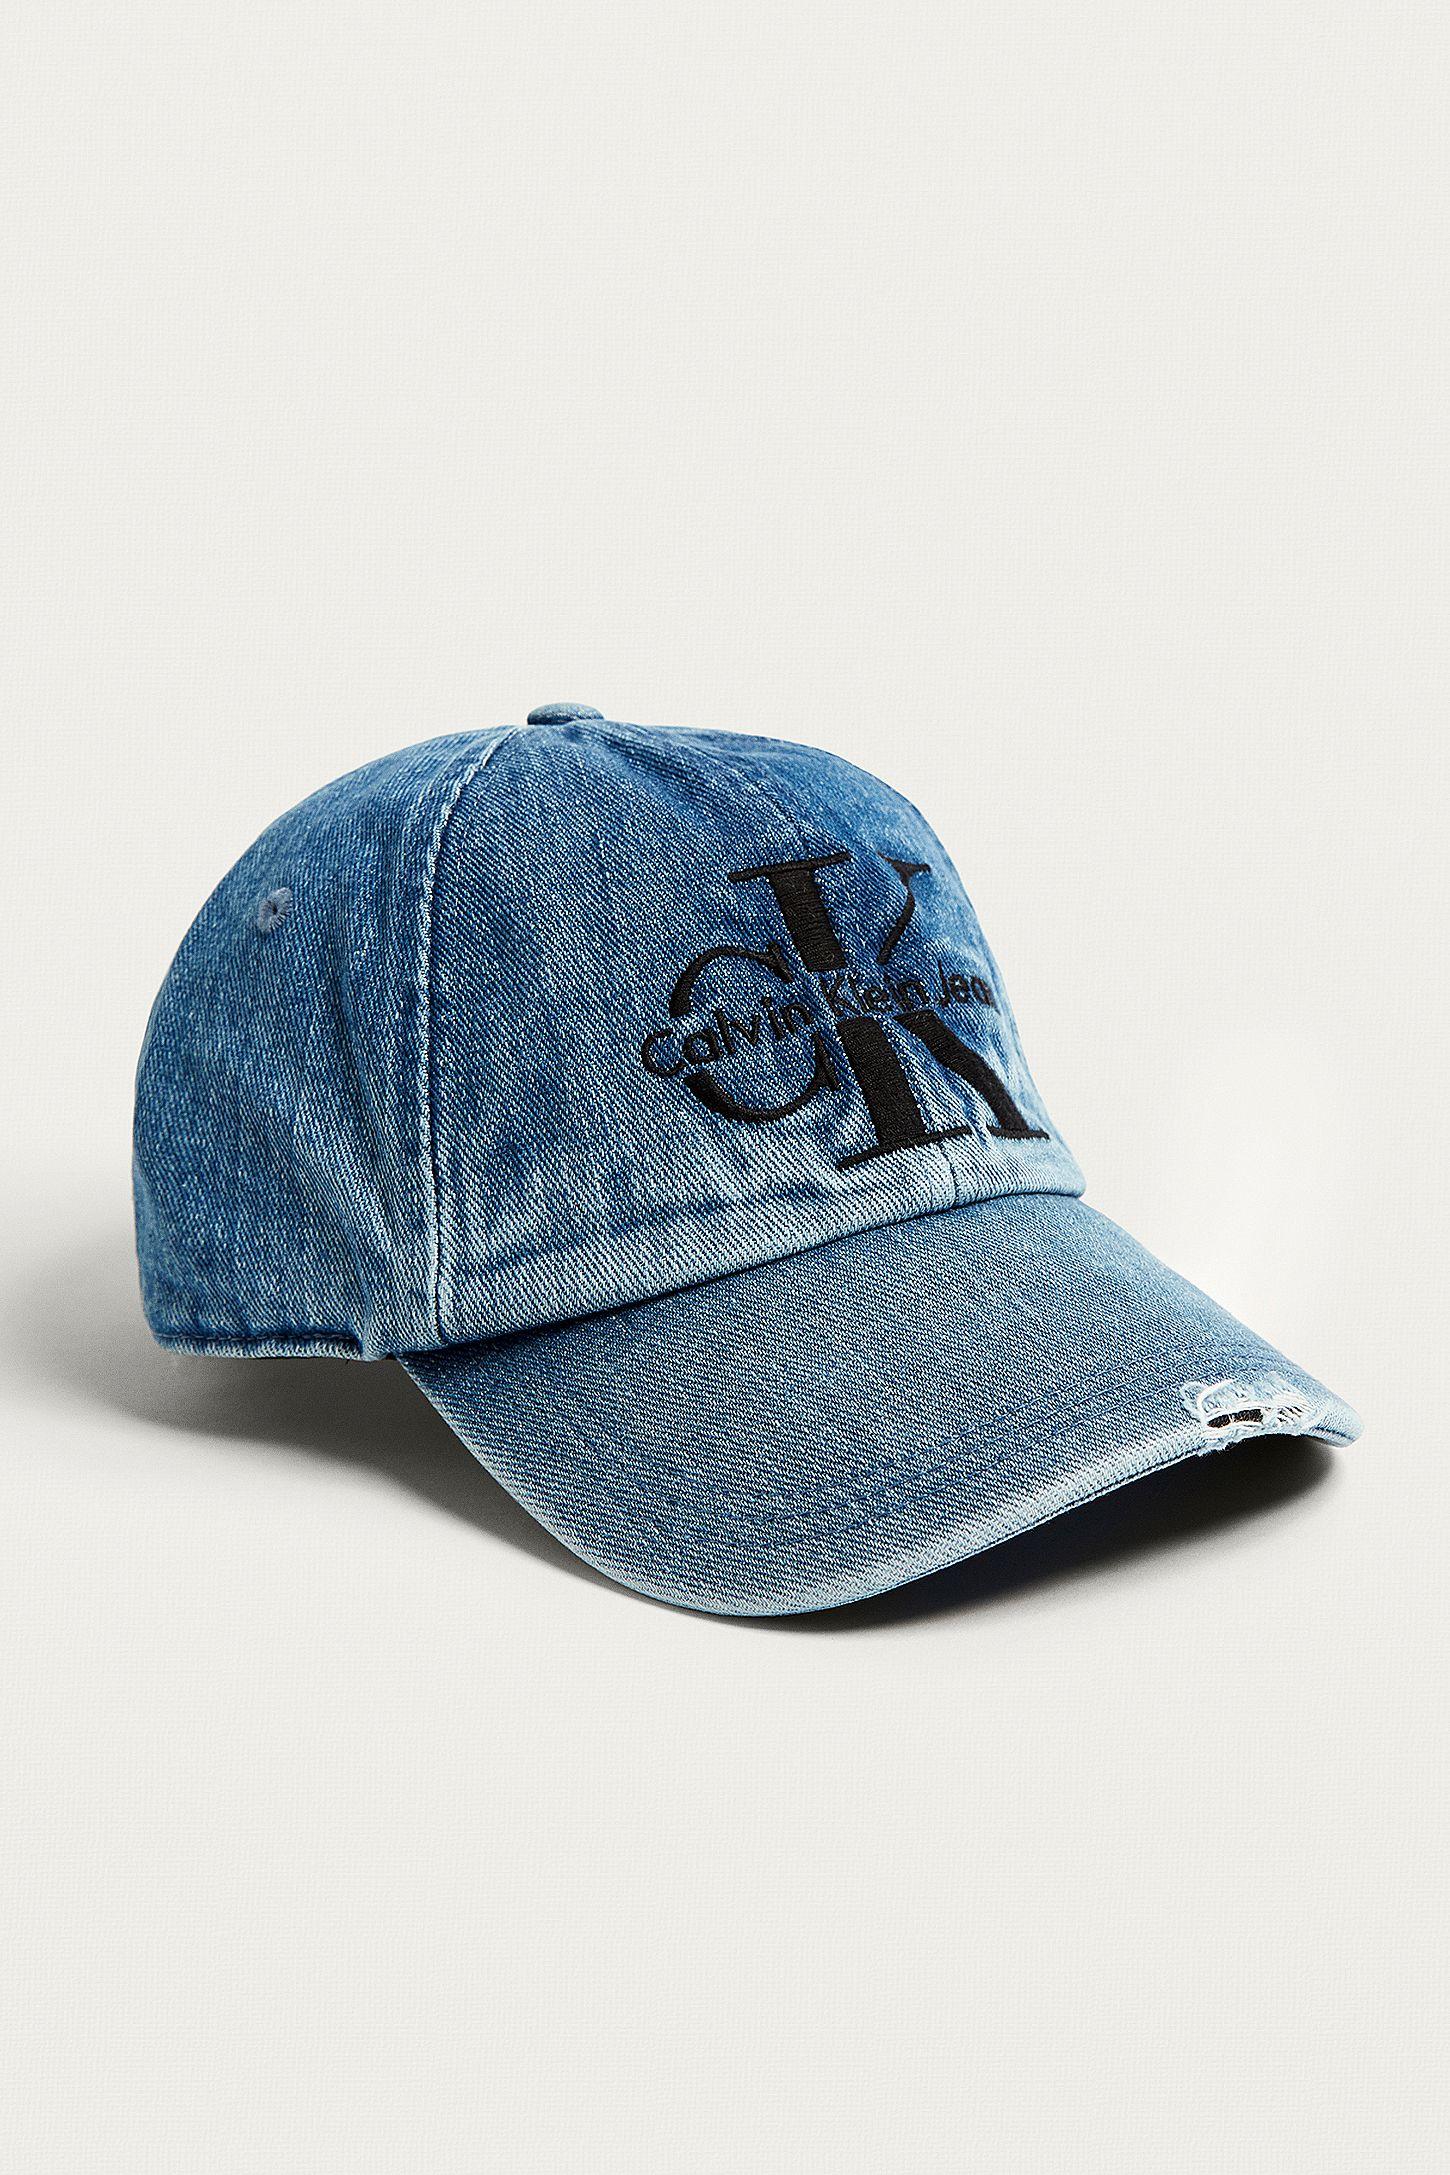 054a80ae6cb Calvin Klein Reissue Denim Baseball Cap